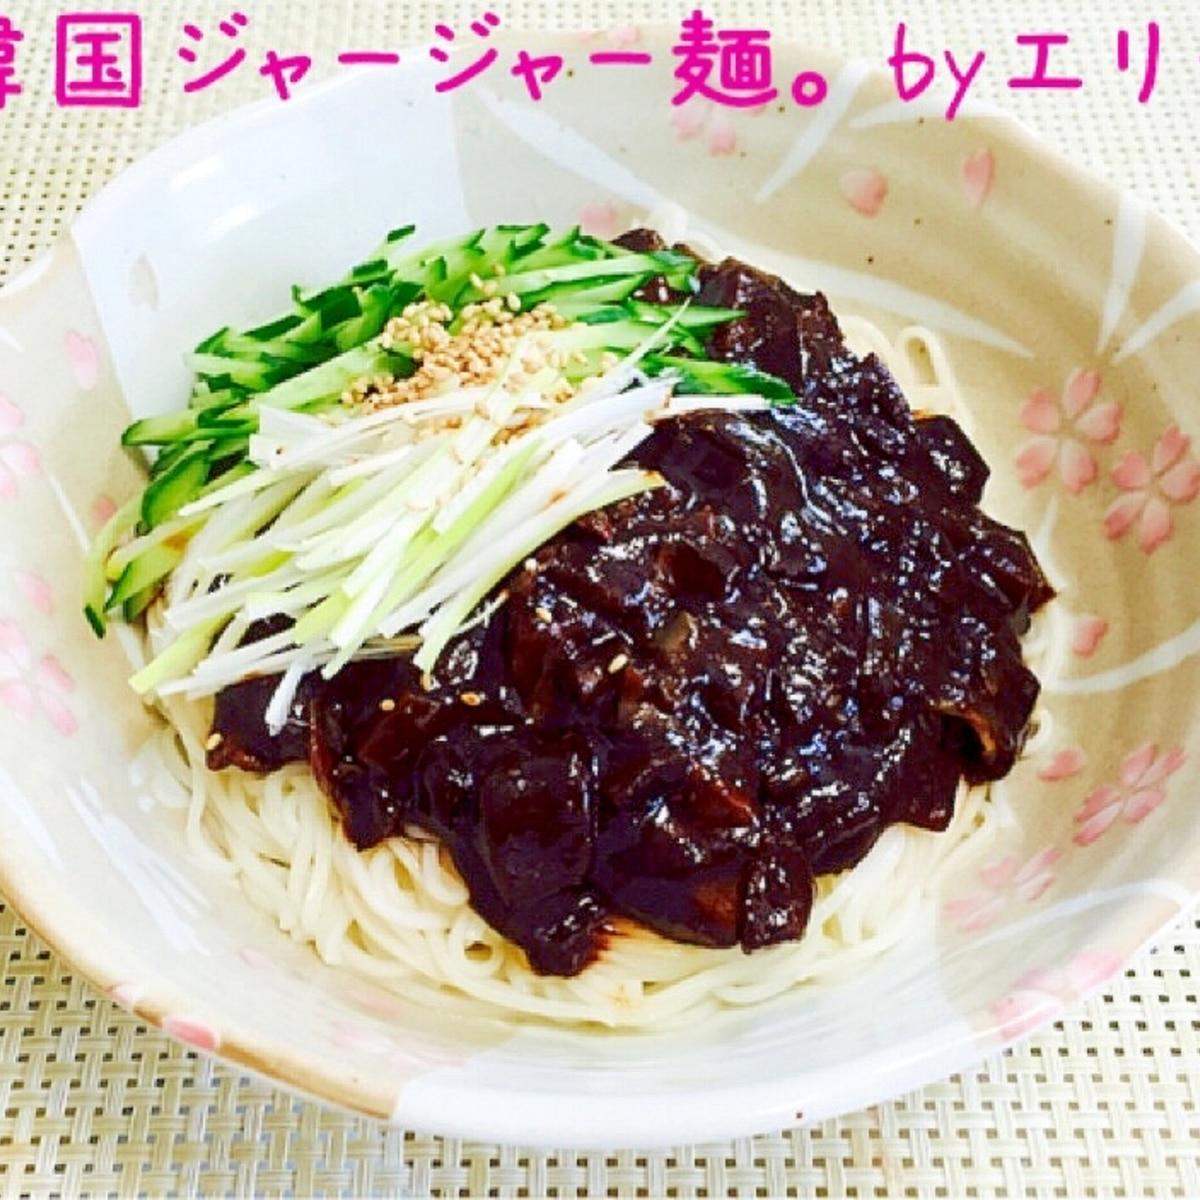 ジャー 麺 ジャー 韓国